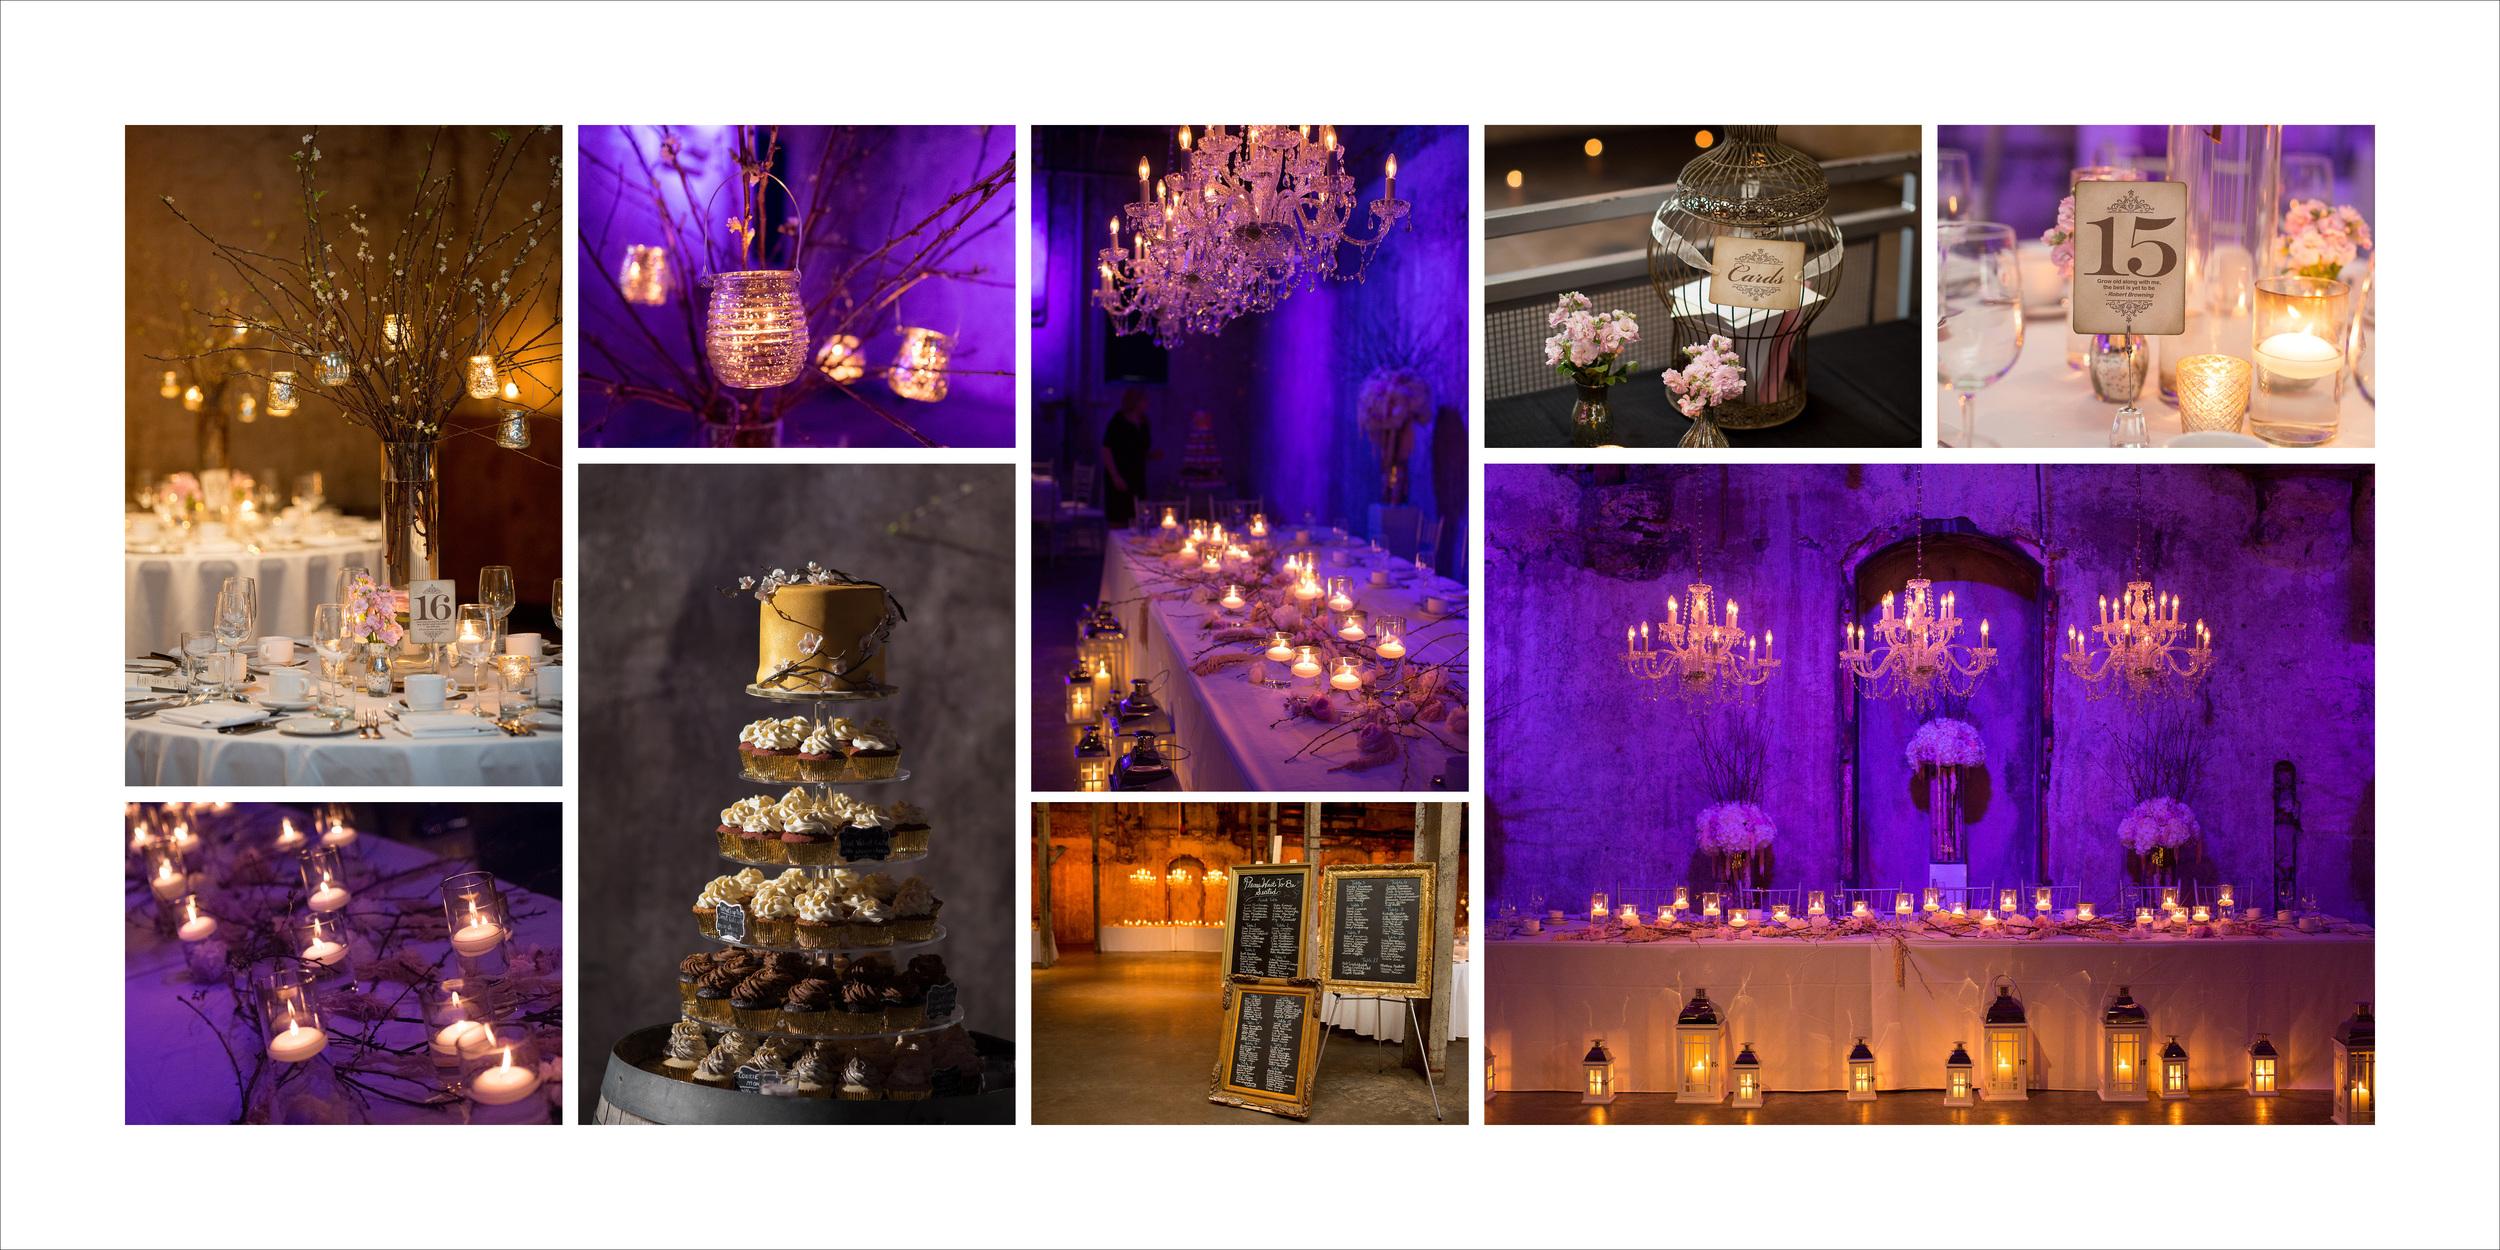 fermenting-cellar-wedding_24.JPG